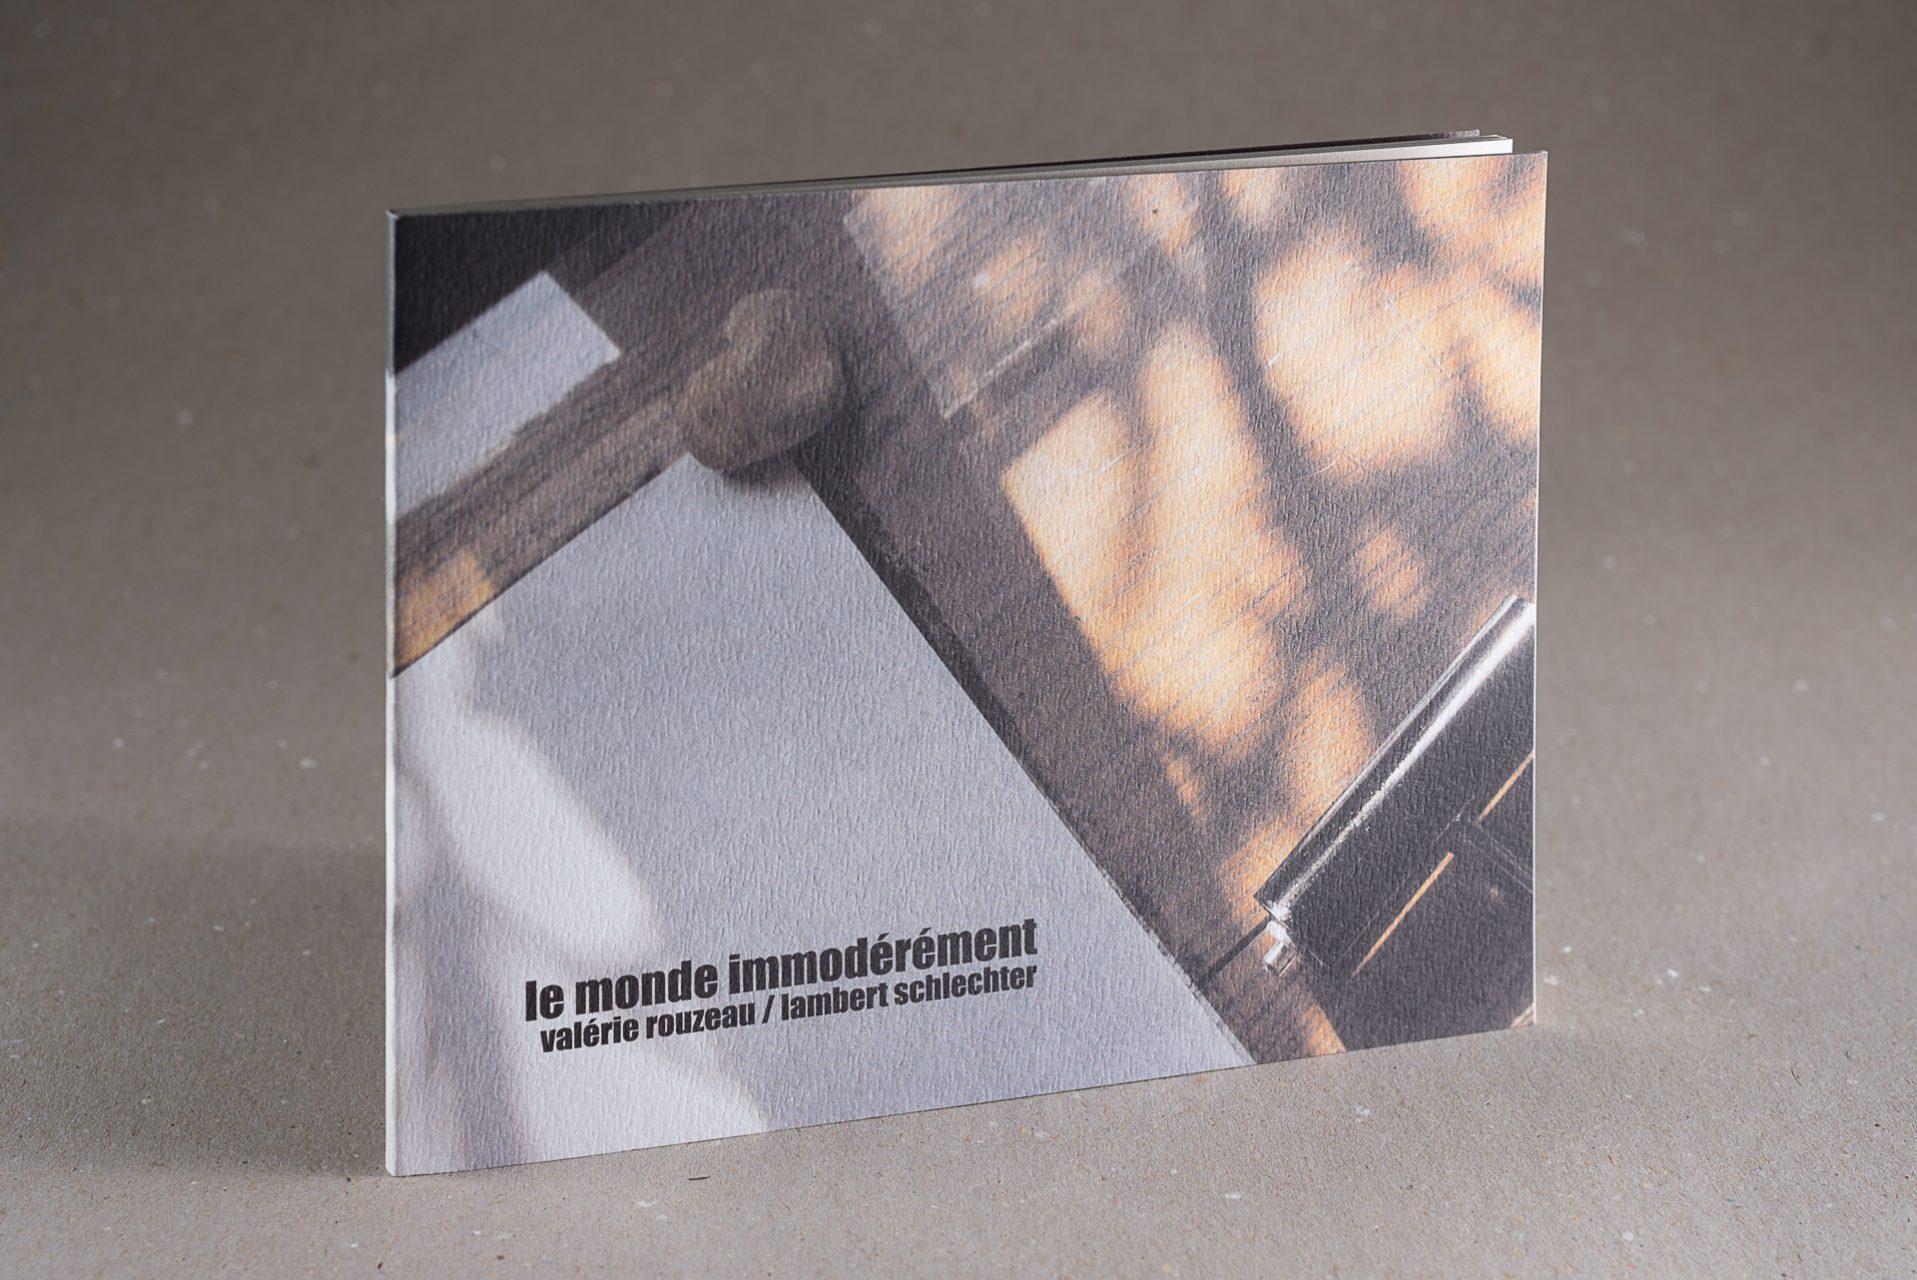 web-hd-nuit-myrtide-livre-le-monde-immoderement-rouzeau-schlechter-01